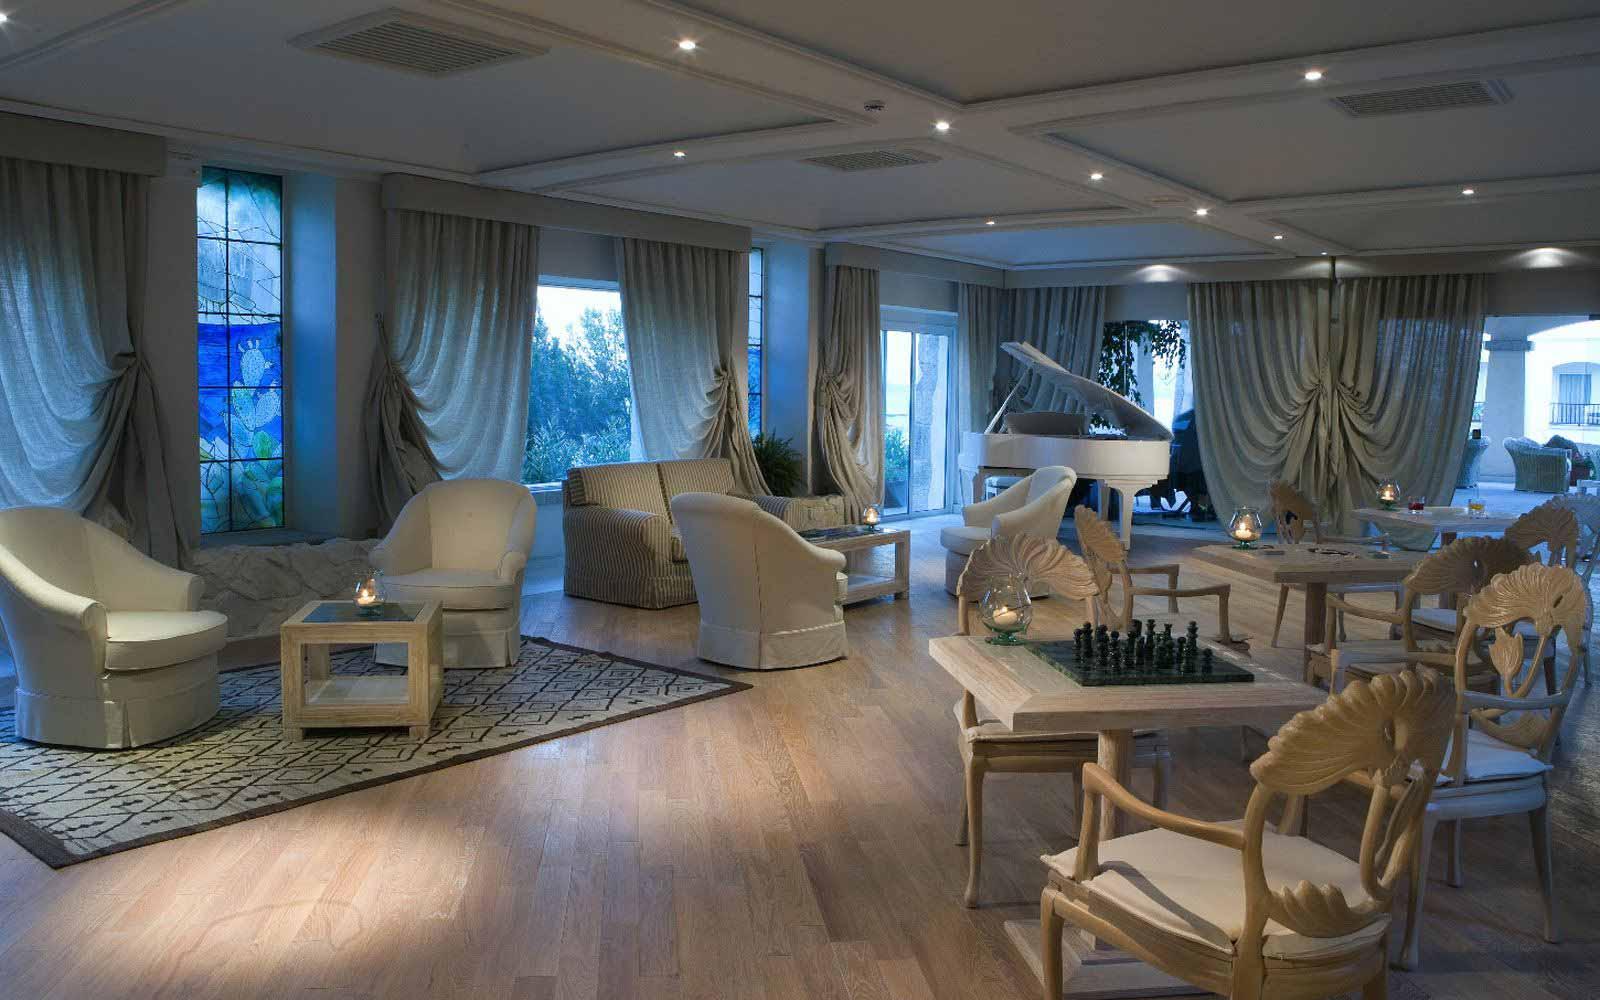 Bridge room at Hotel Petra Bianca